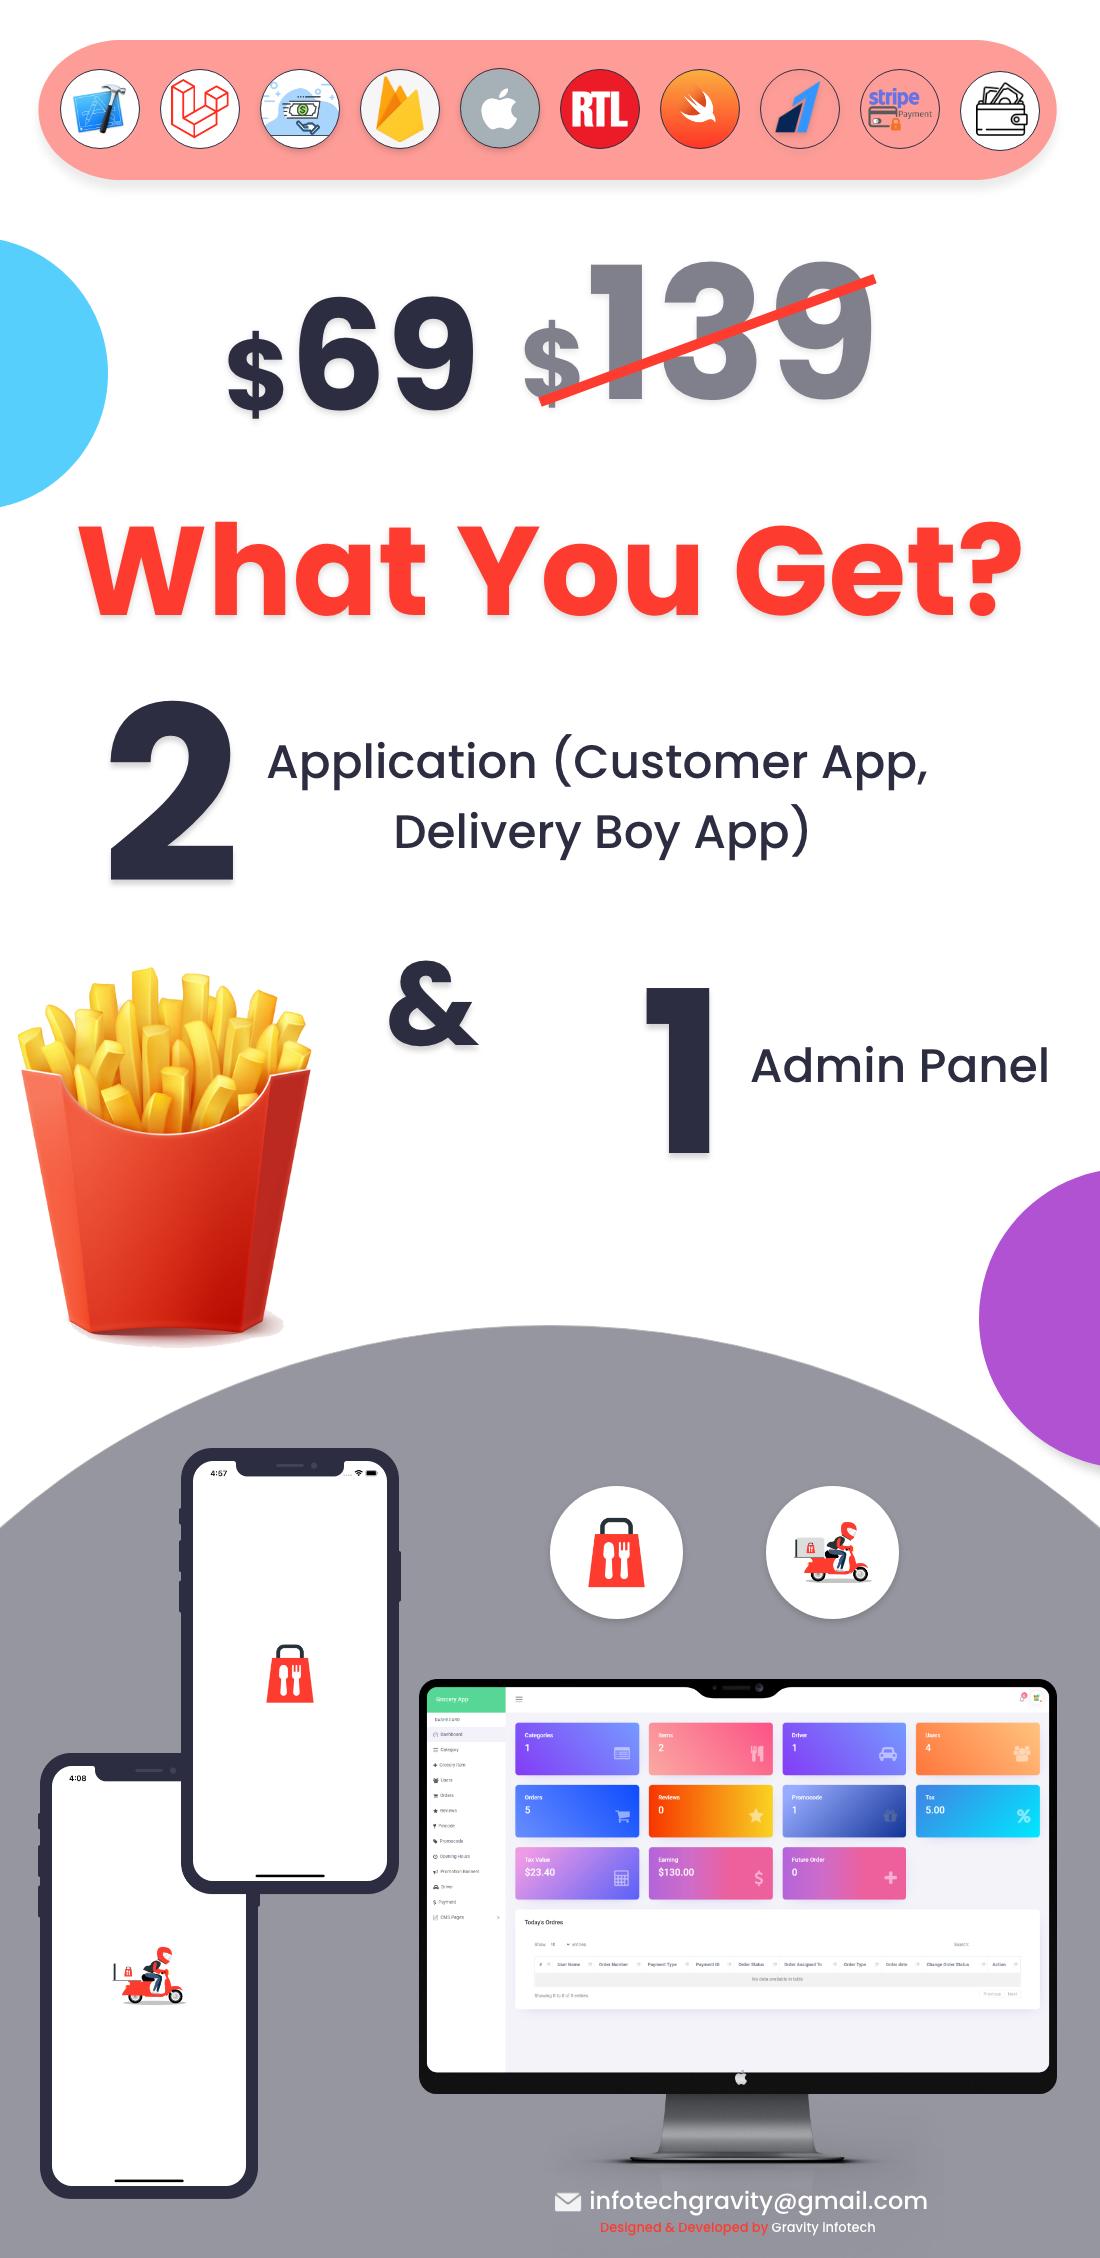 Application de commande de nourriture iOS pour un seul restaurant avec Delivery Boy et panneau d'administration - 3